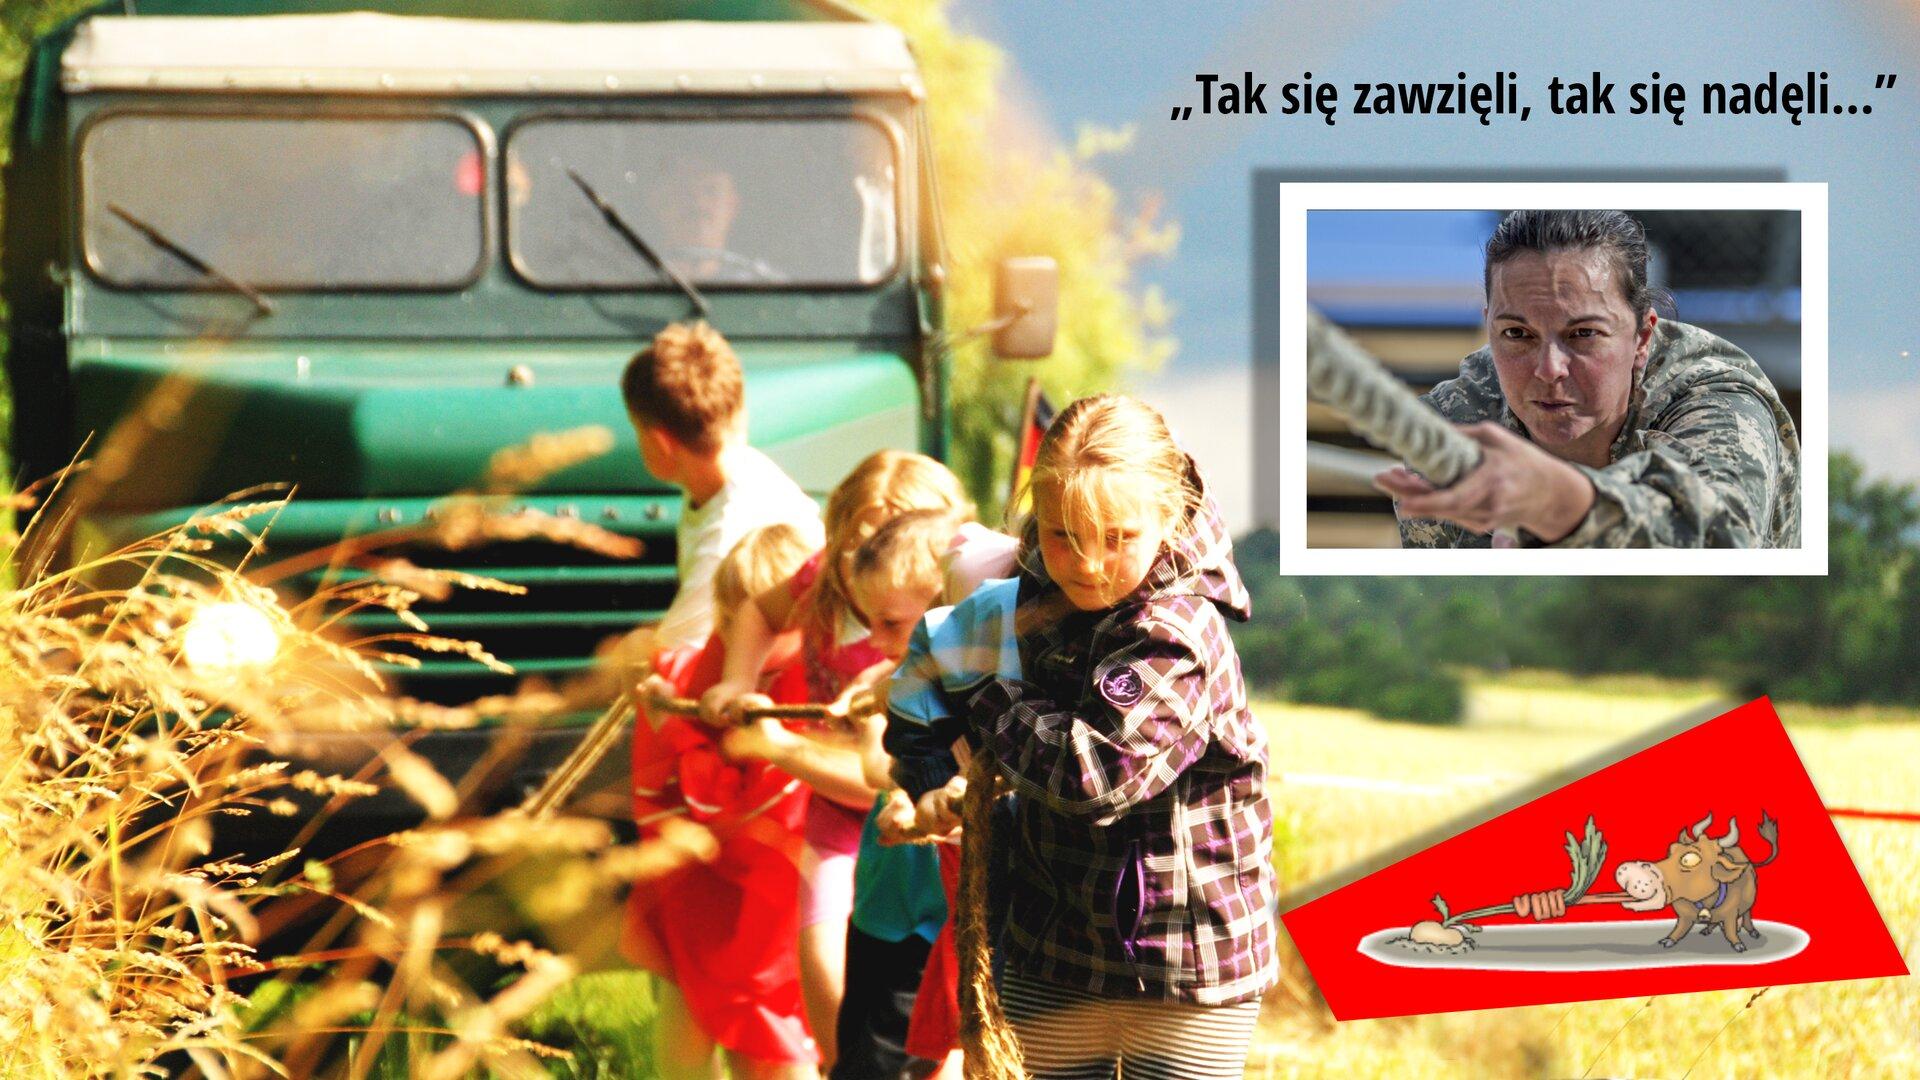 """Ilustracja przedstawia czwórkę dzieci ciągnących linę, przyczepioną do zielonej ciężarówki, znajdującej się na polu. Wciężarówce siedzi mężczyzna. Jest piękny, słoneczny letni dzień. Wprawym rogu zdjęcia znajduje się napis: """"Tak się zawzięli, tak się zadęli…""""oraz zdjęcie kobiety, która wskupieniu ciągnie linę. Wprawym dolnym rogu znajduje się rysunek byka, który także ciągnie linę."""